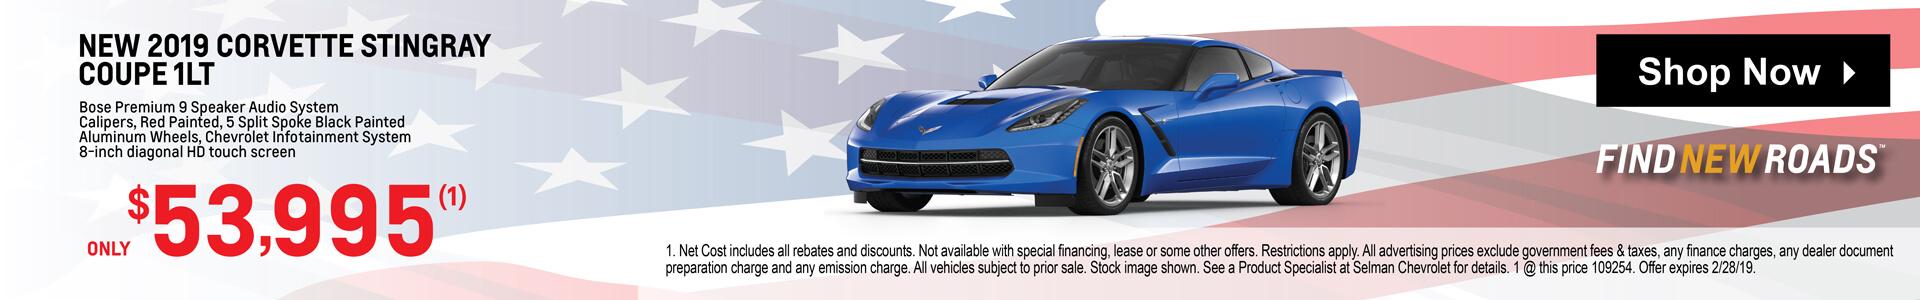 Corvette 1LT